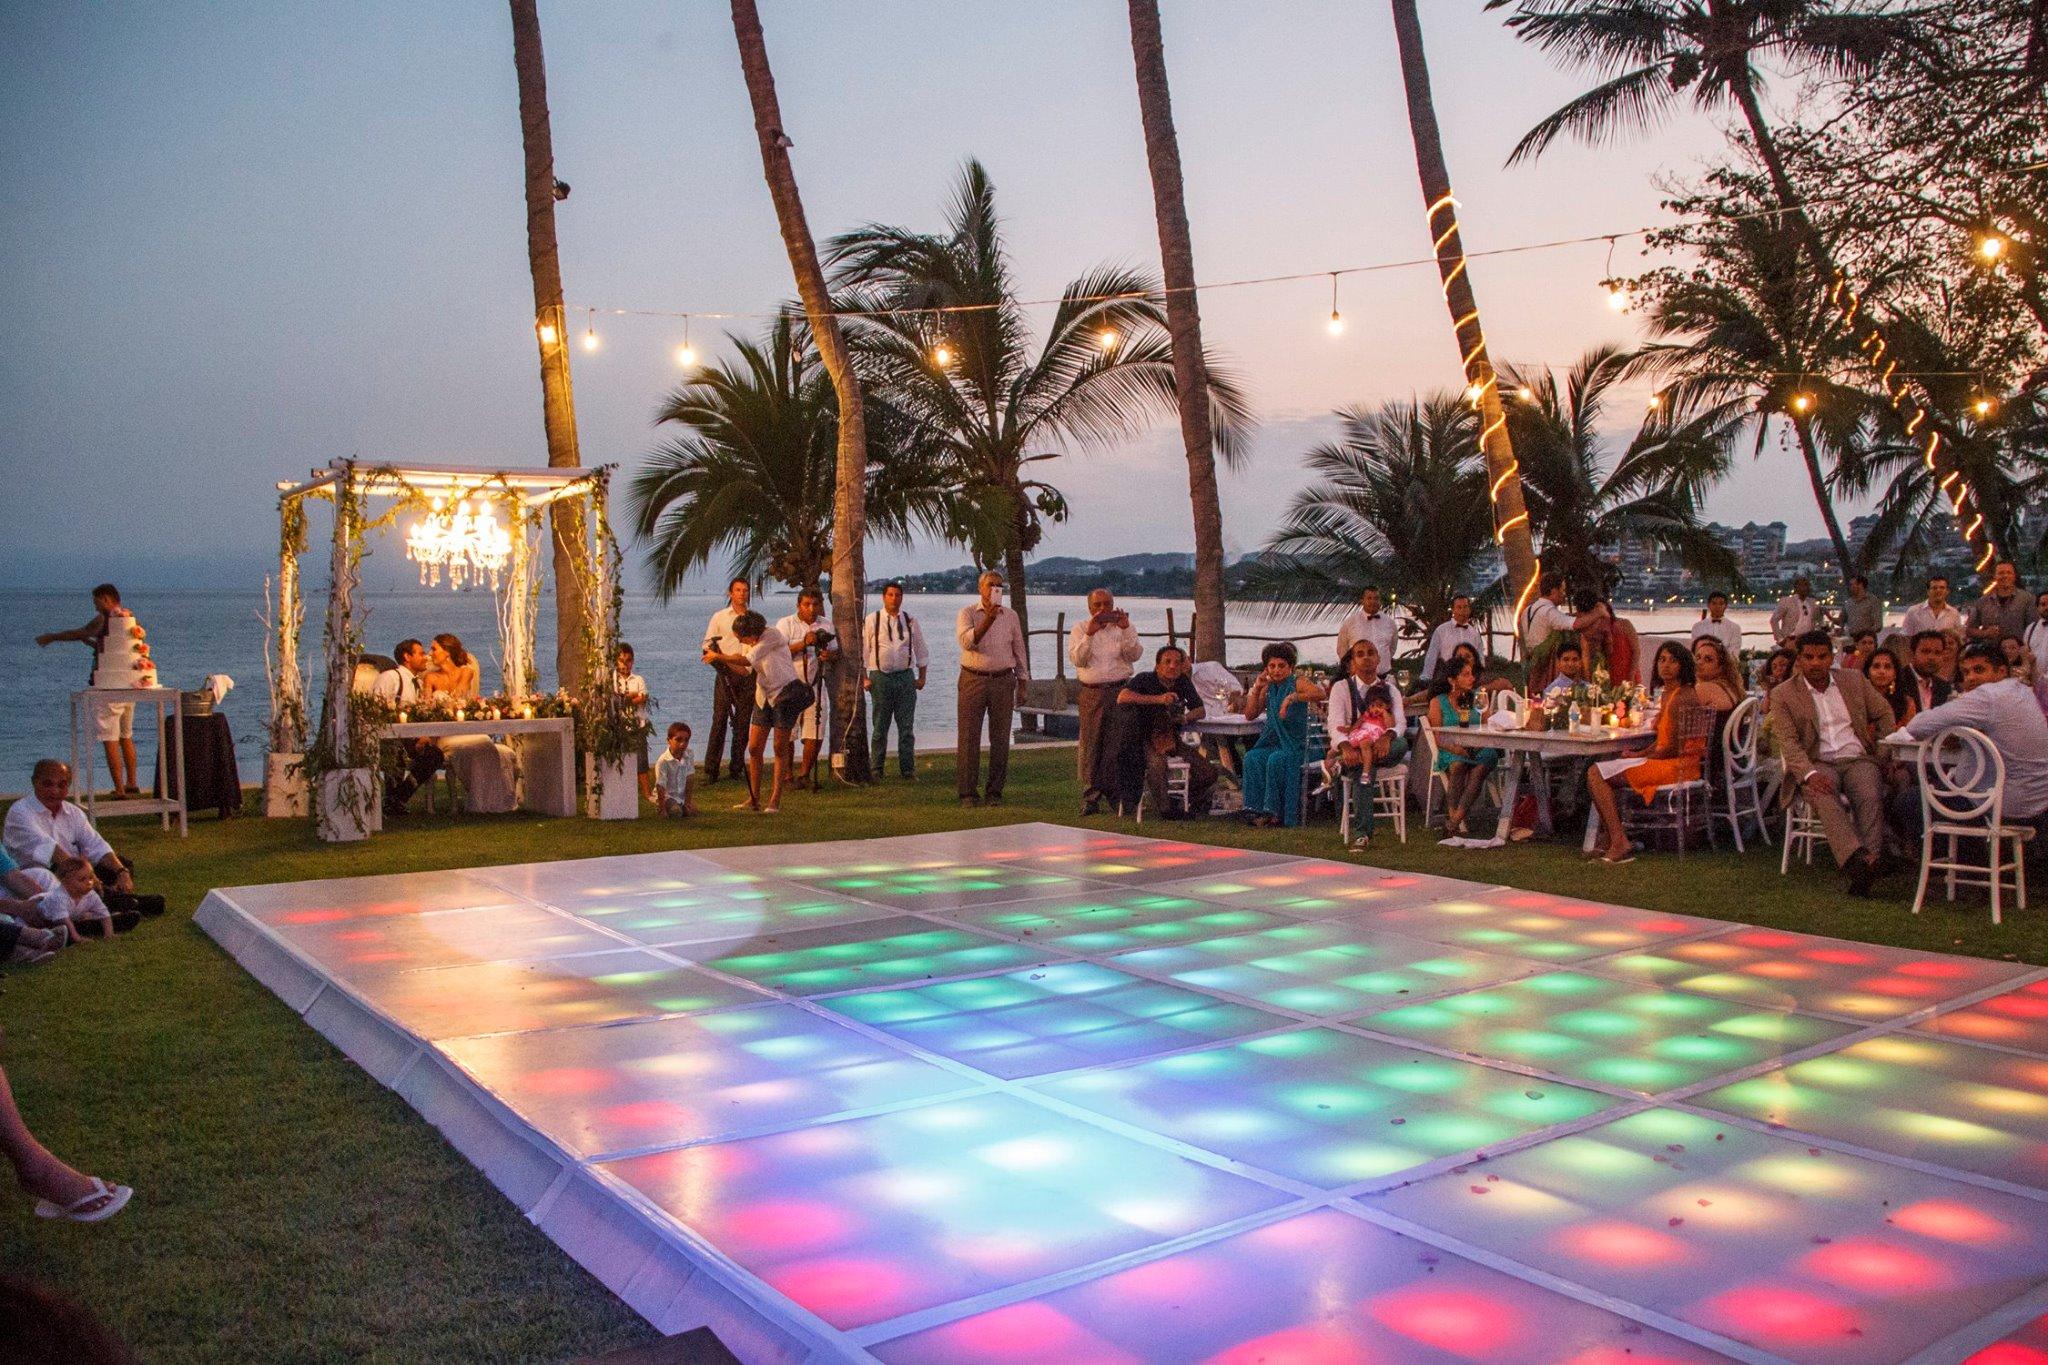 wedding venues mexico bucerias nayarit puerto vallarta